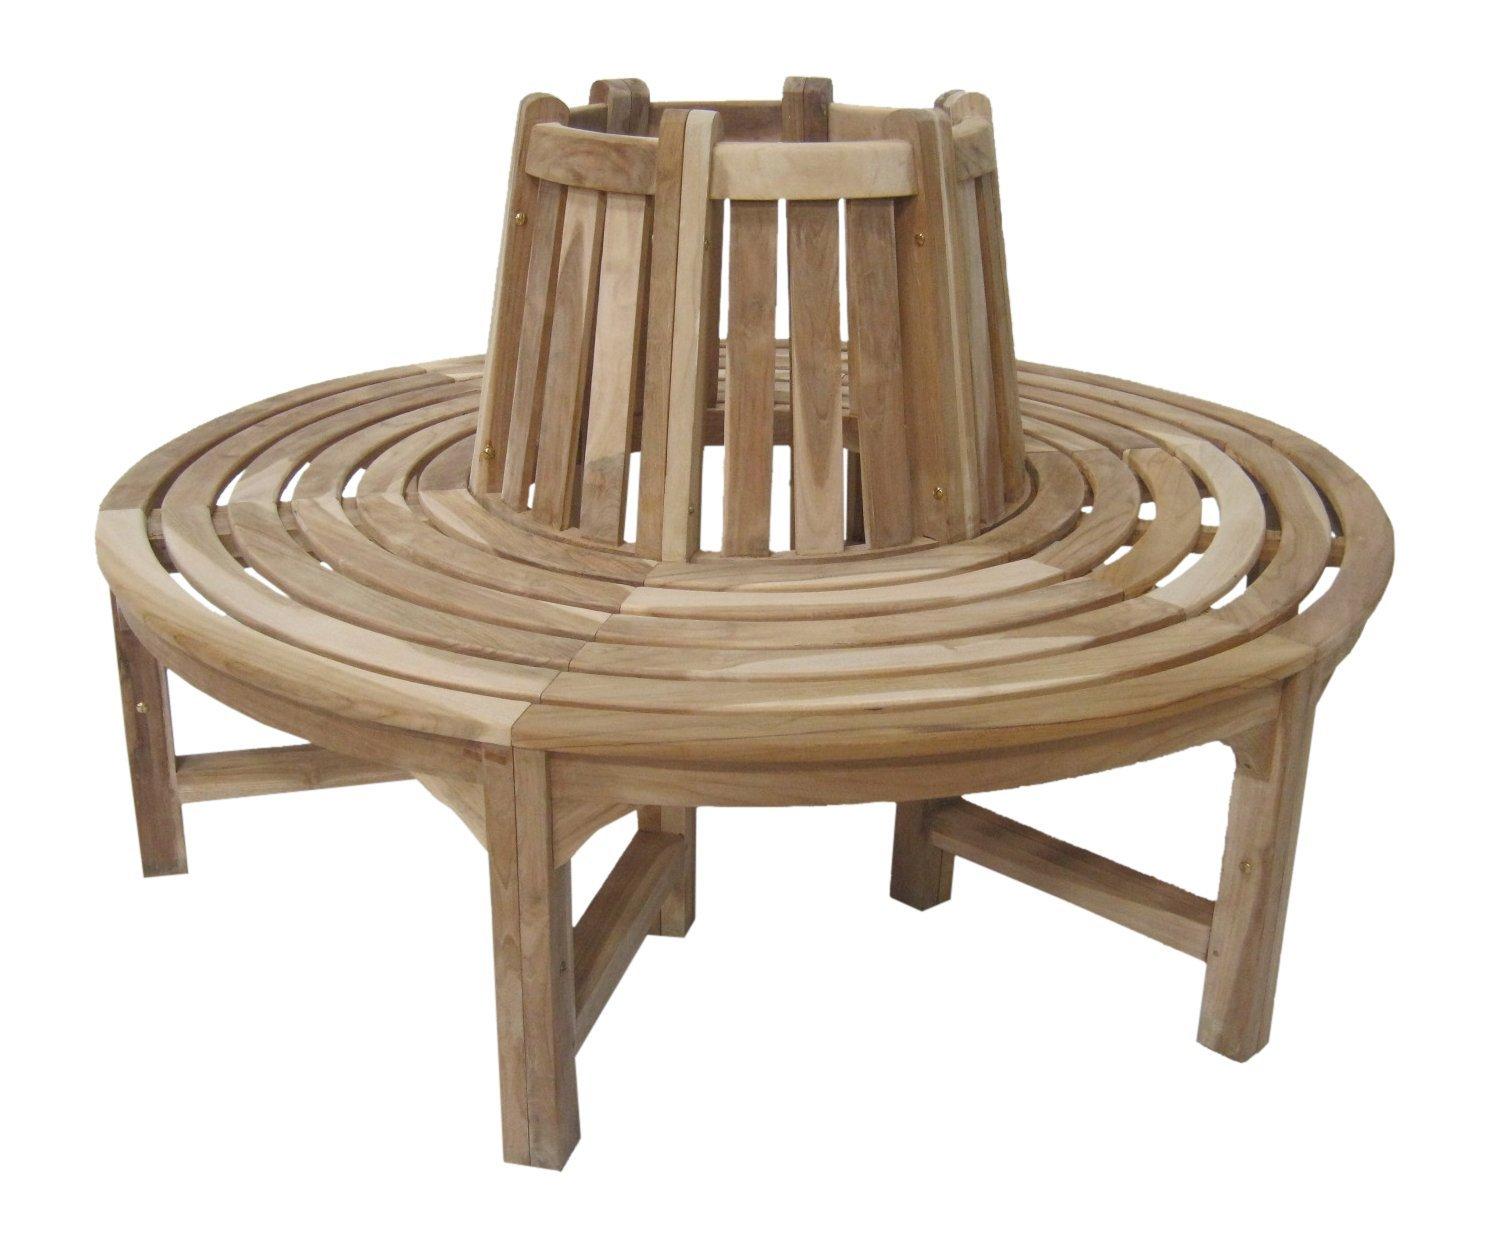 Gartenbank Rund Holz Baumbank Ambientehome Teak